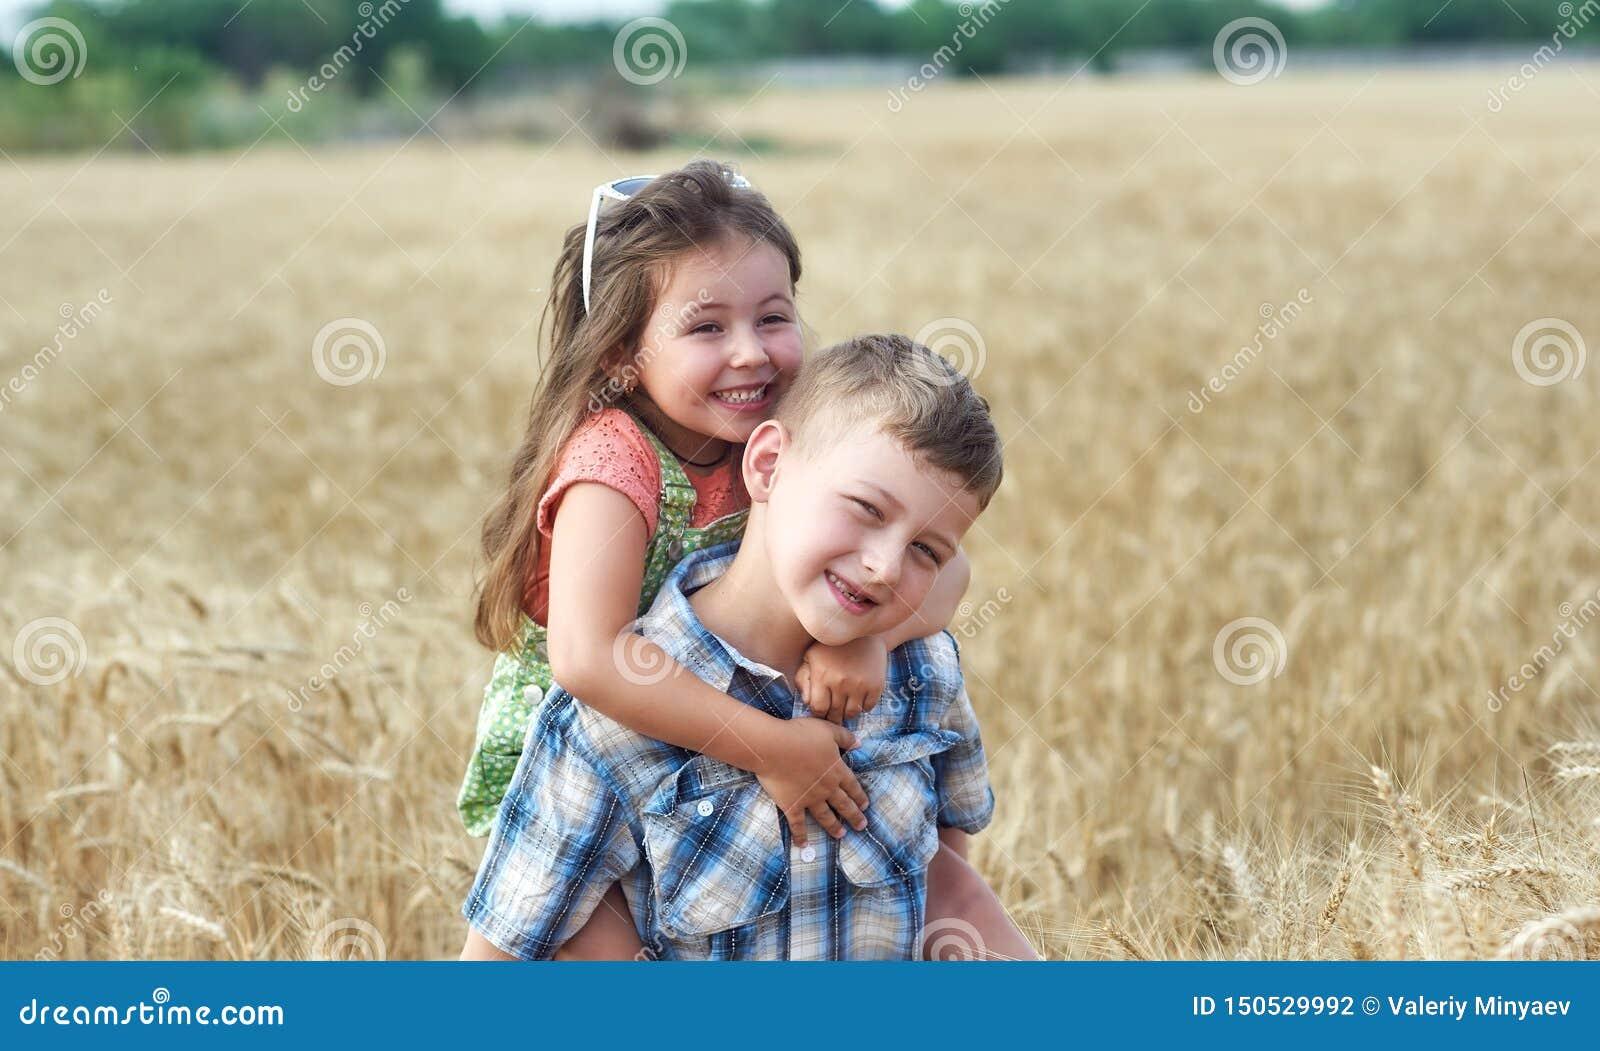 Παιδιά σε έναν περίπατο σε έναν τομέα του σίτου